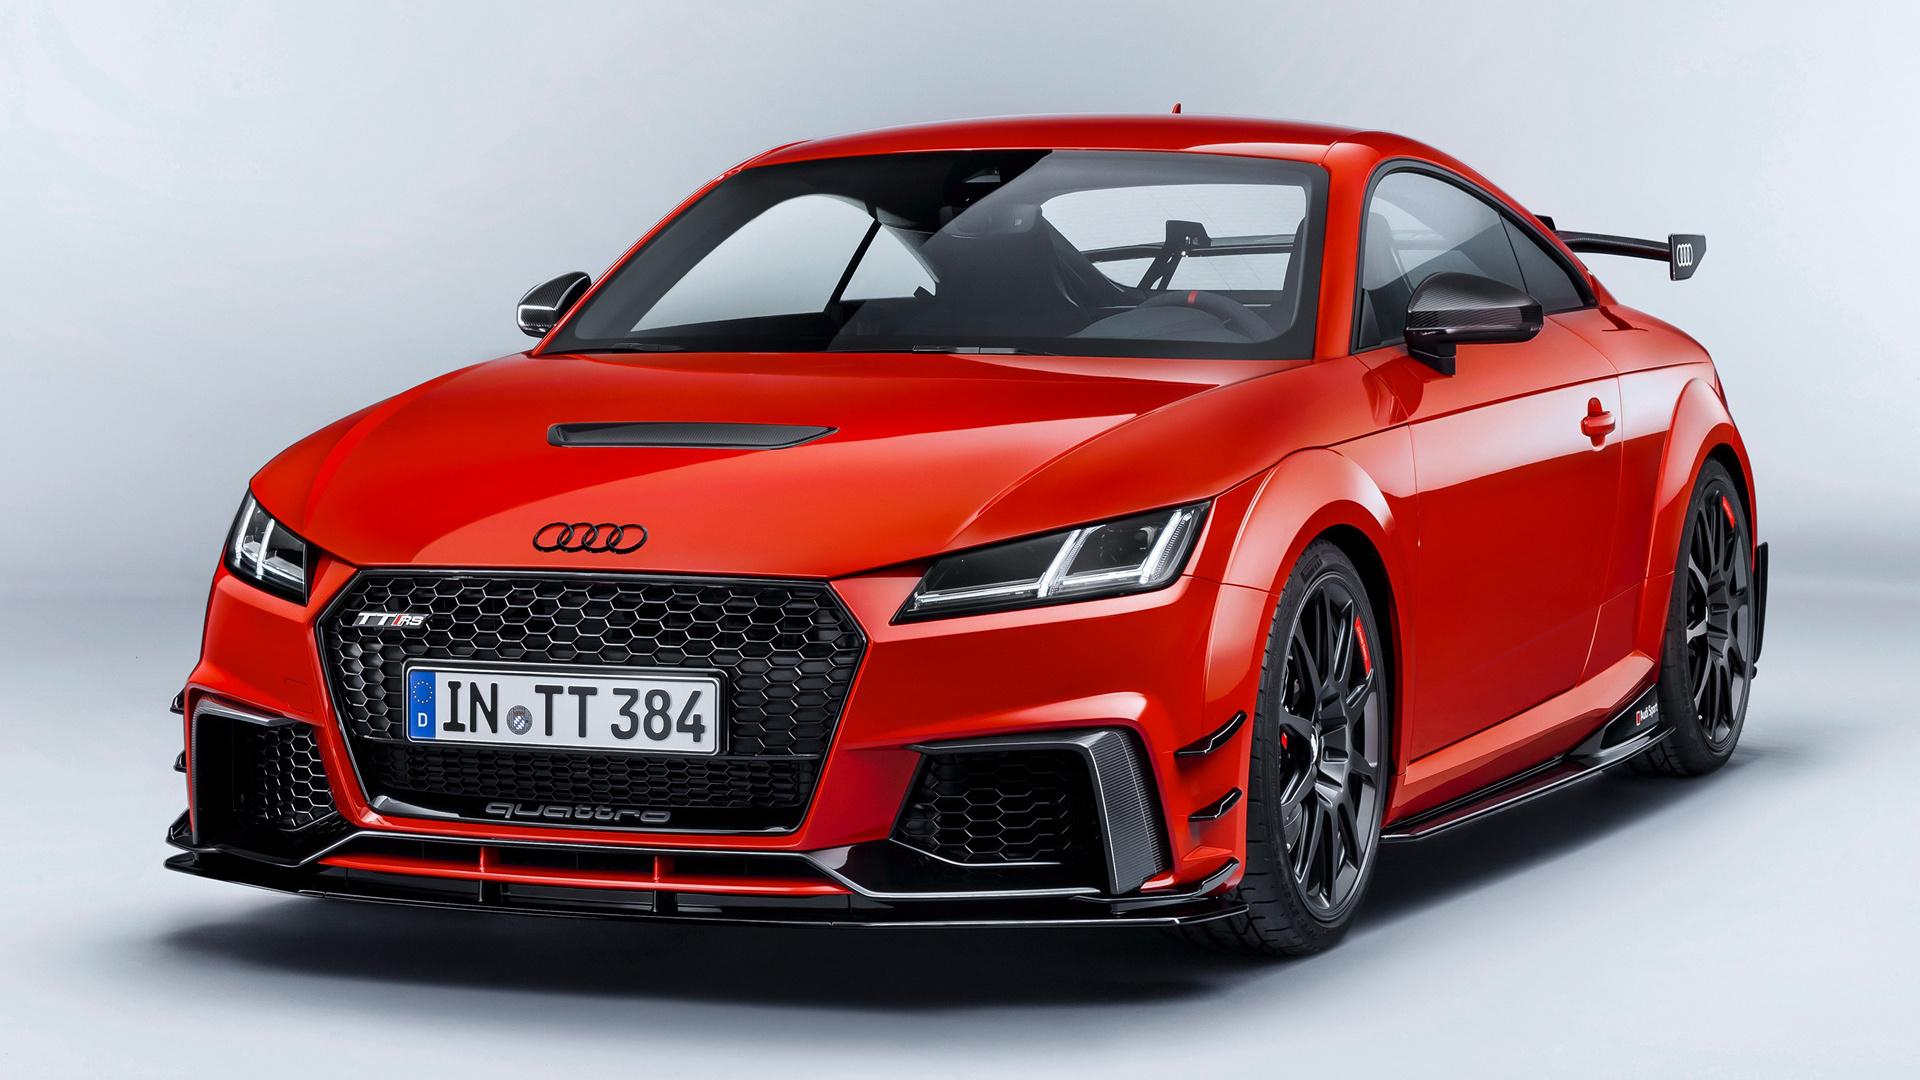 2017 Audi TT RS Coupe performance parts Fond d'écran HD ...